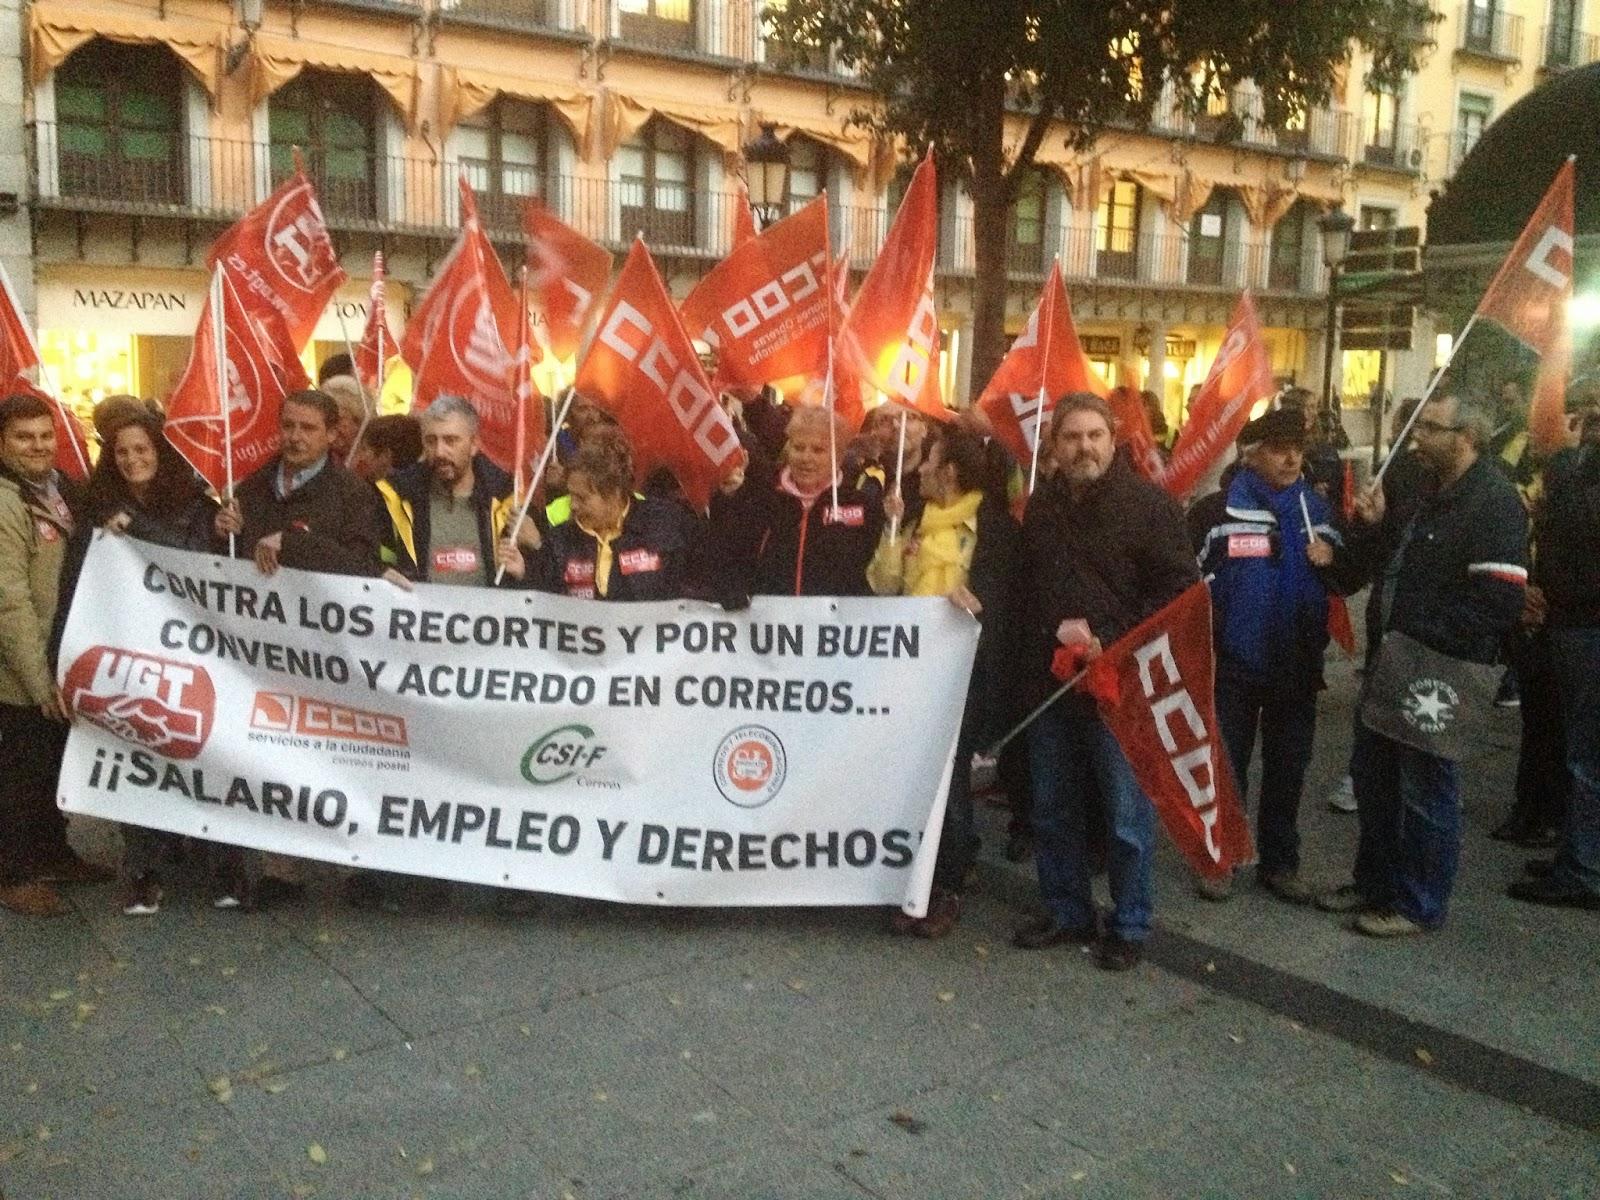 Protestas en correos de toledo por los recortes de for Oficina de correos toledo